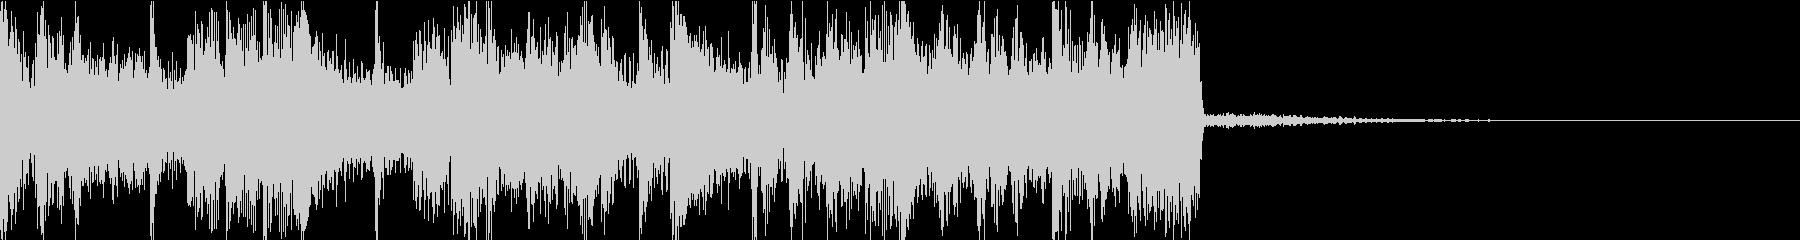 ダークな電子音のテクノ系アイキャッチの未再生の波形